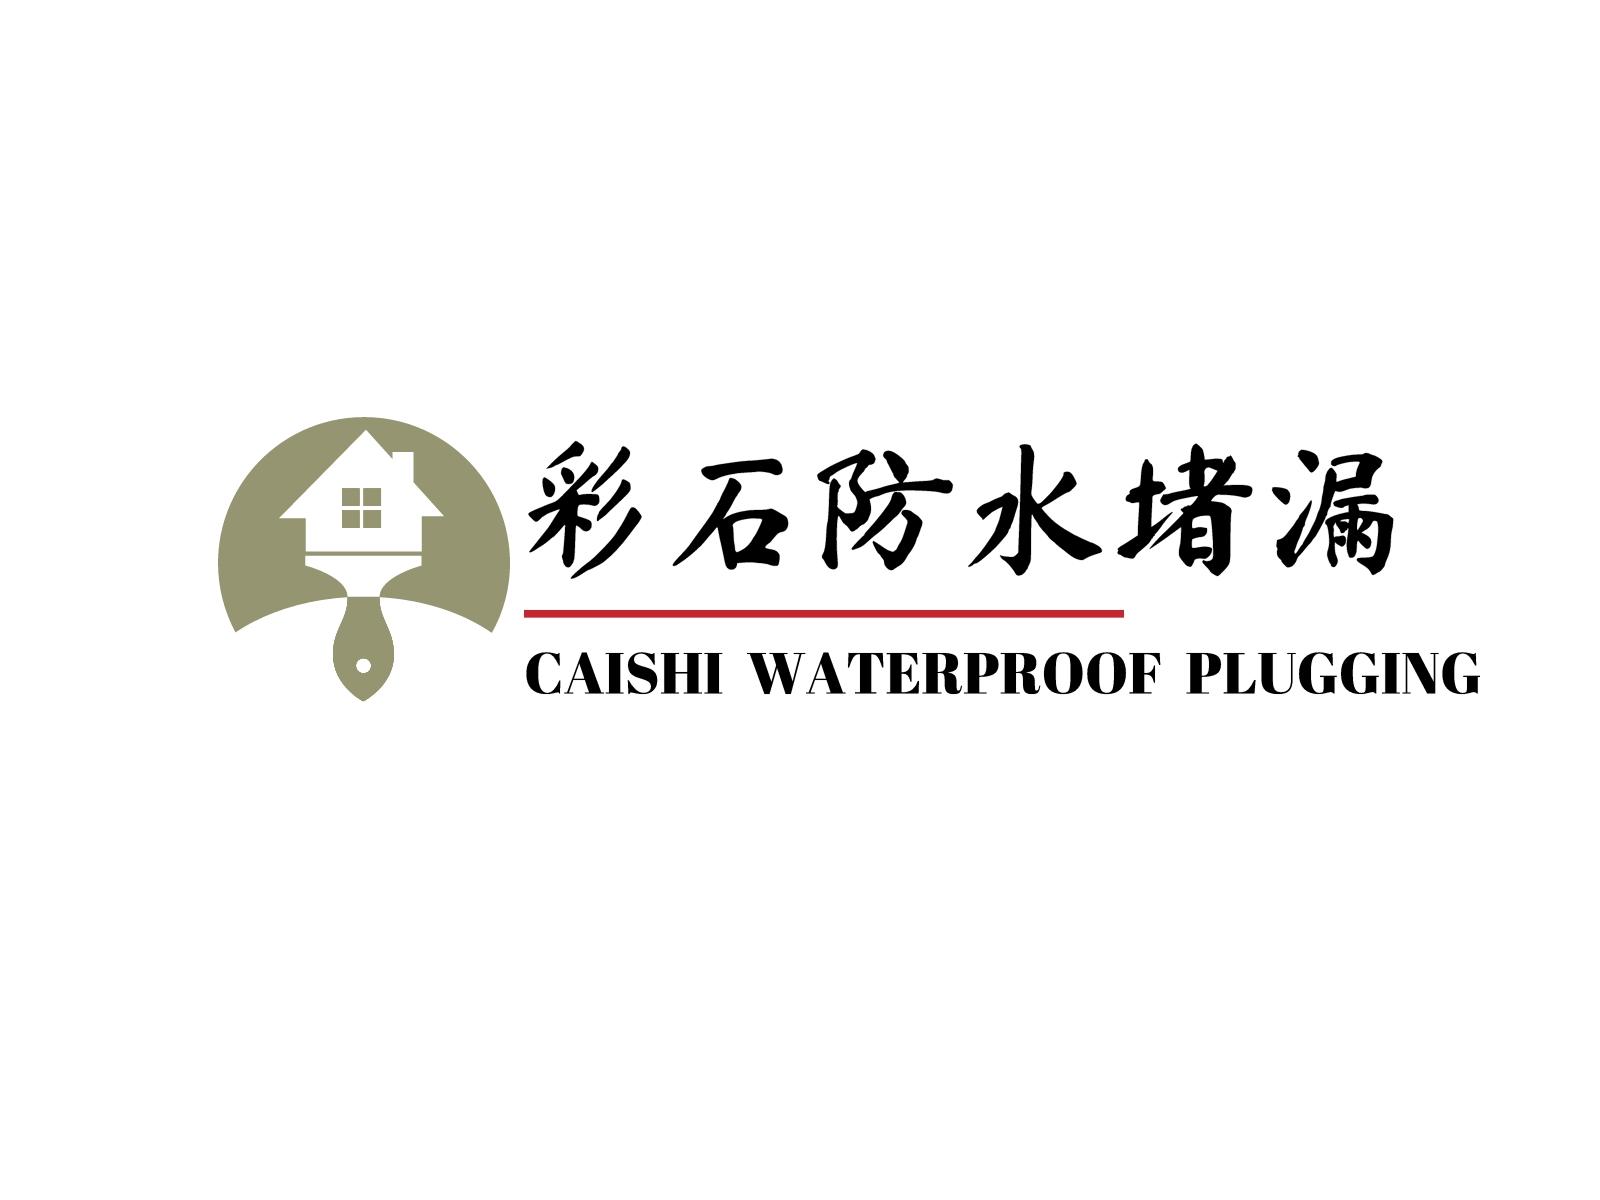 徐州彩石建筑装饰工程乐天堂fun88备用